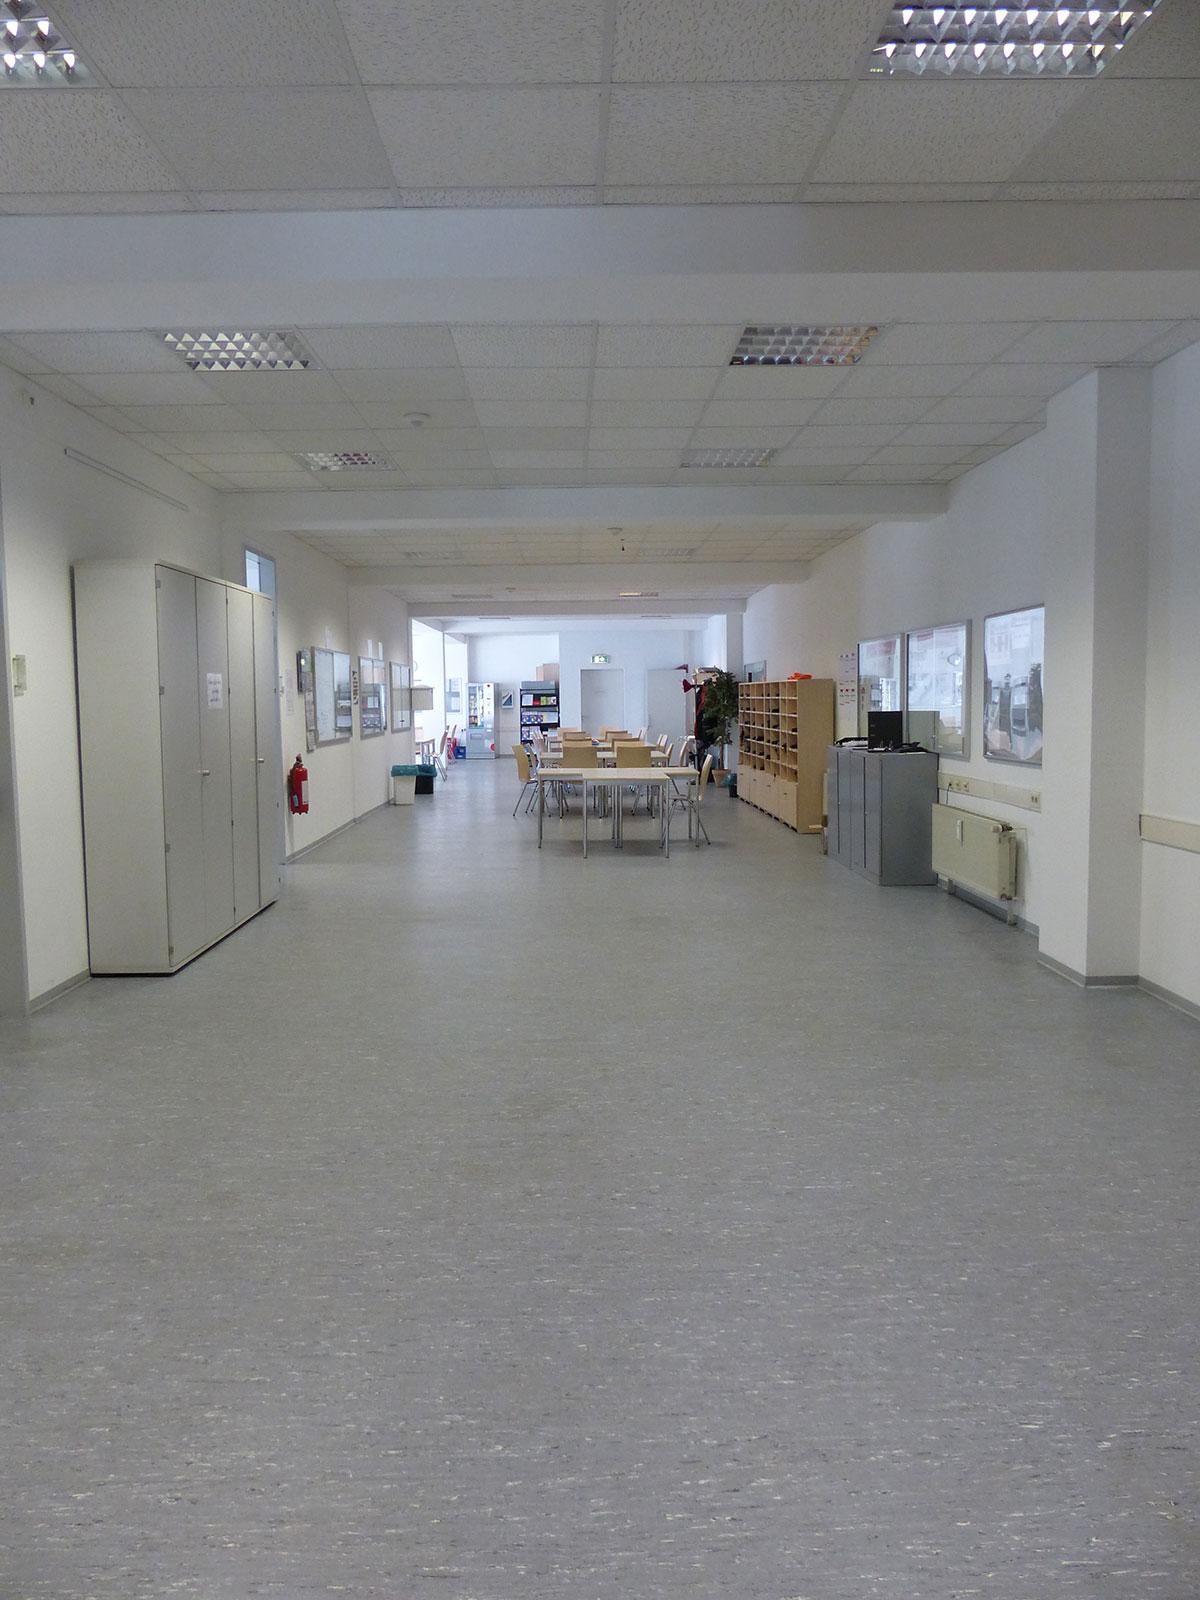 """Blick in den großen Mitarbeiterraum der Abteilung 14 """"Service und Fahrausweisprüfung"""". (Foto: Kathrin Huth und Hanna Stein)"""